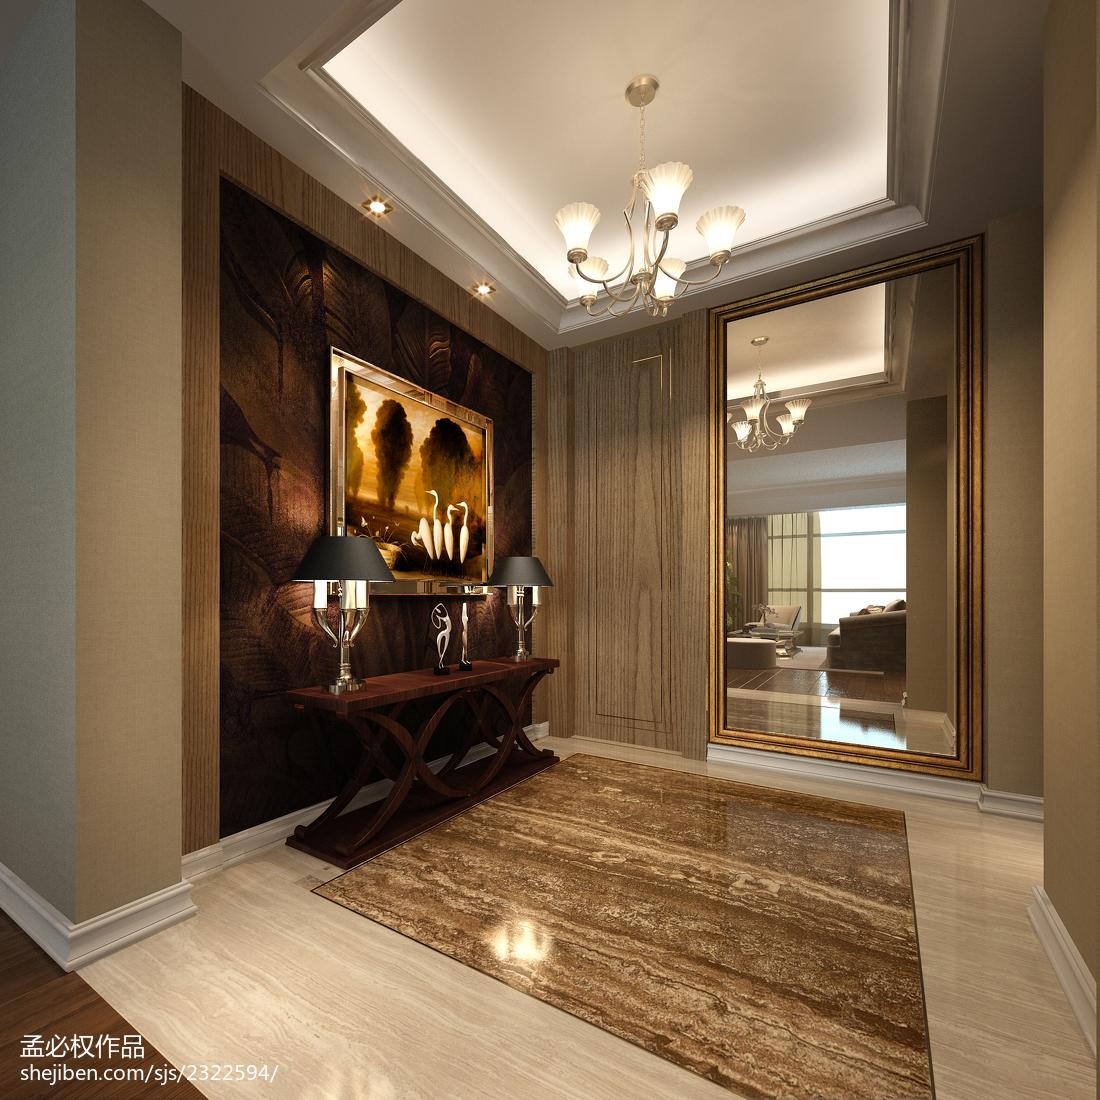 公寓玄关装修图片玄关美式经典玄关设计图片赏析